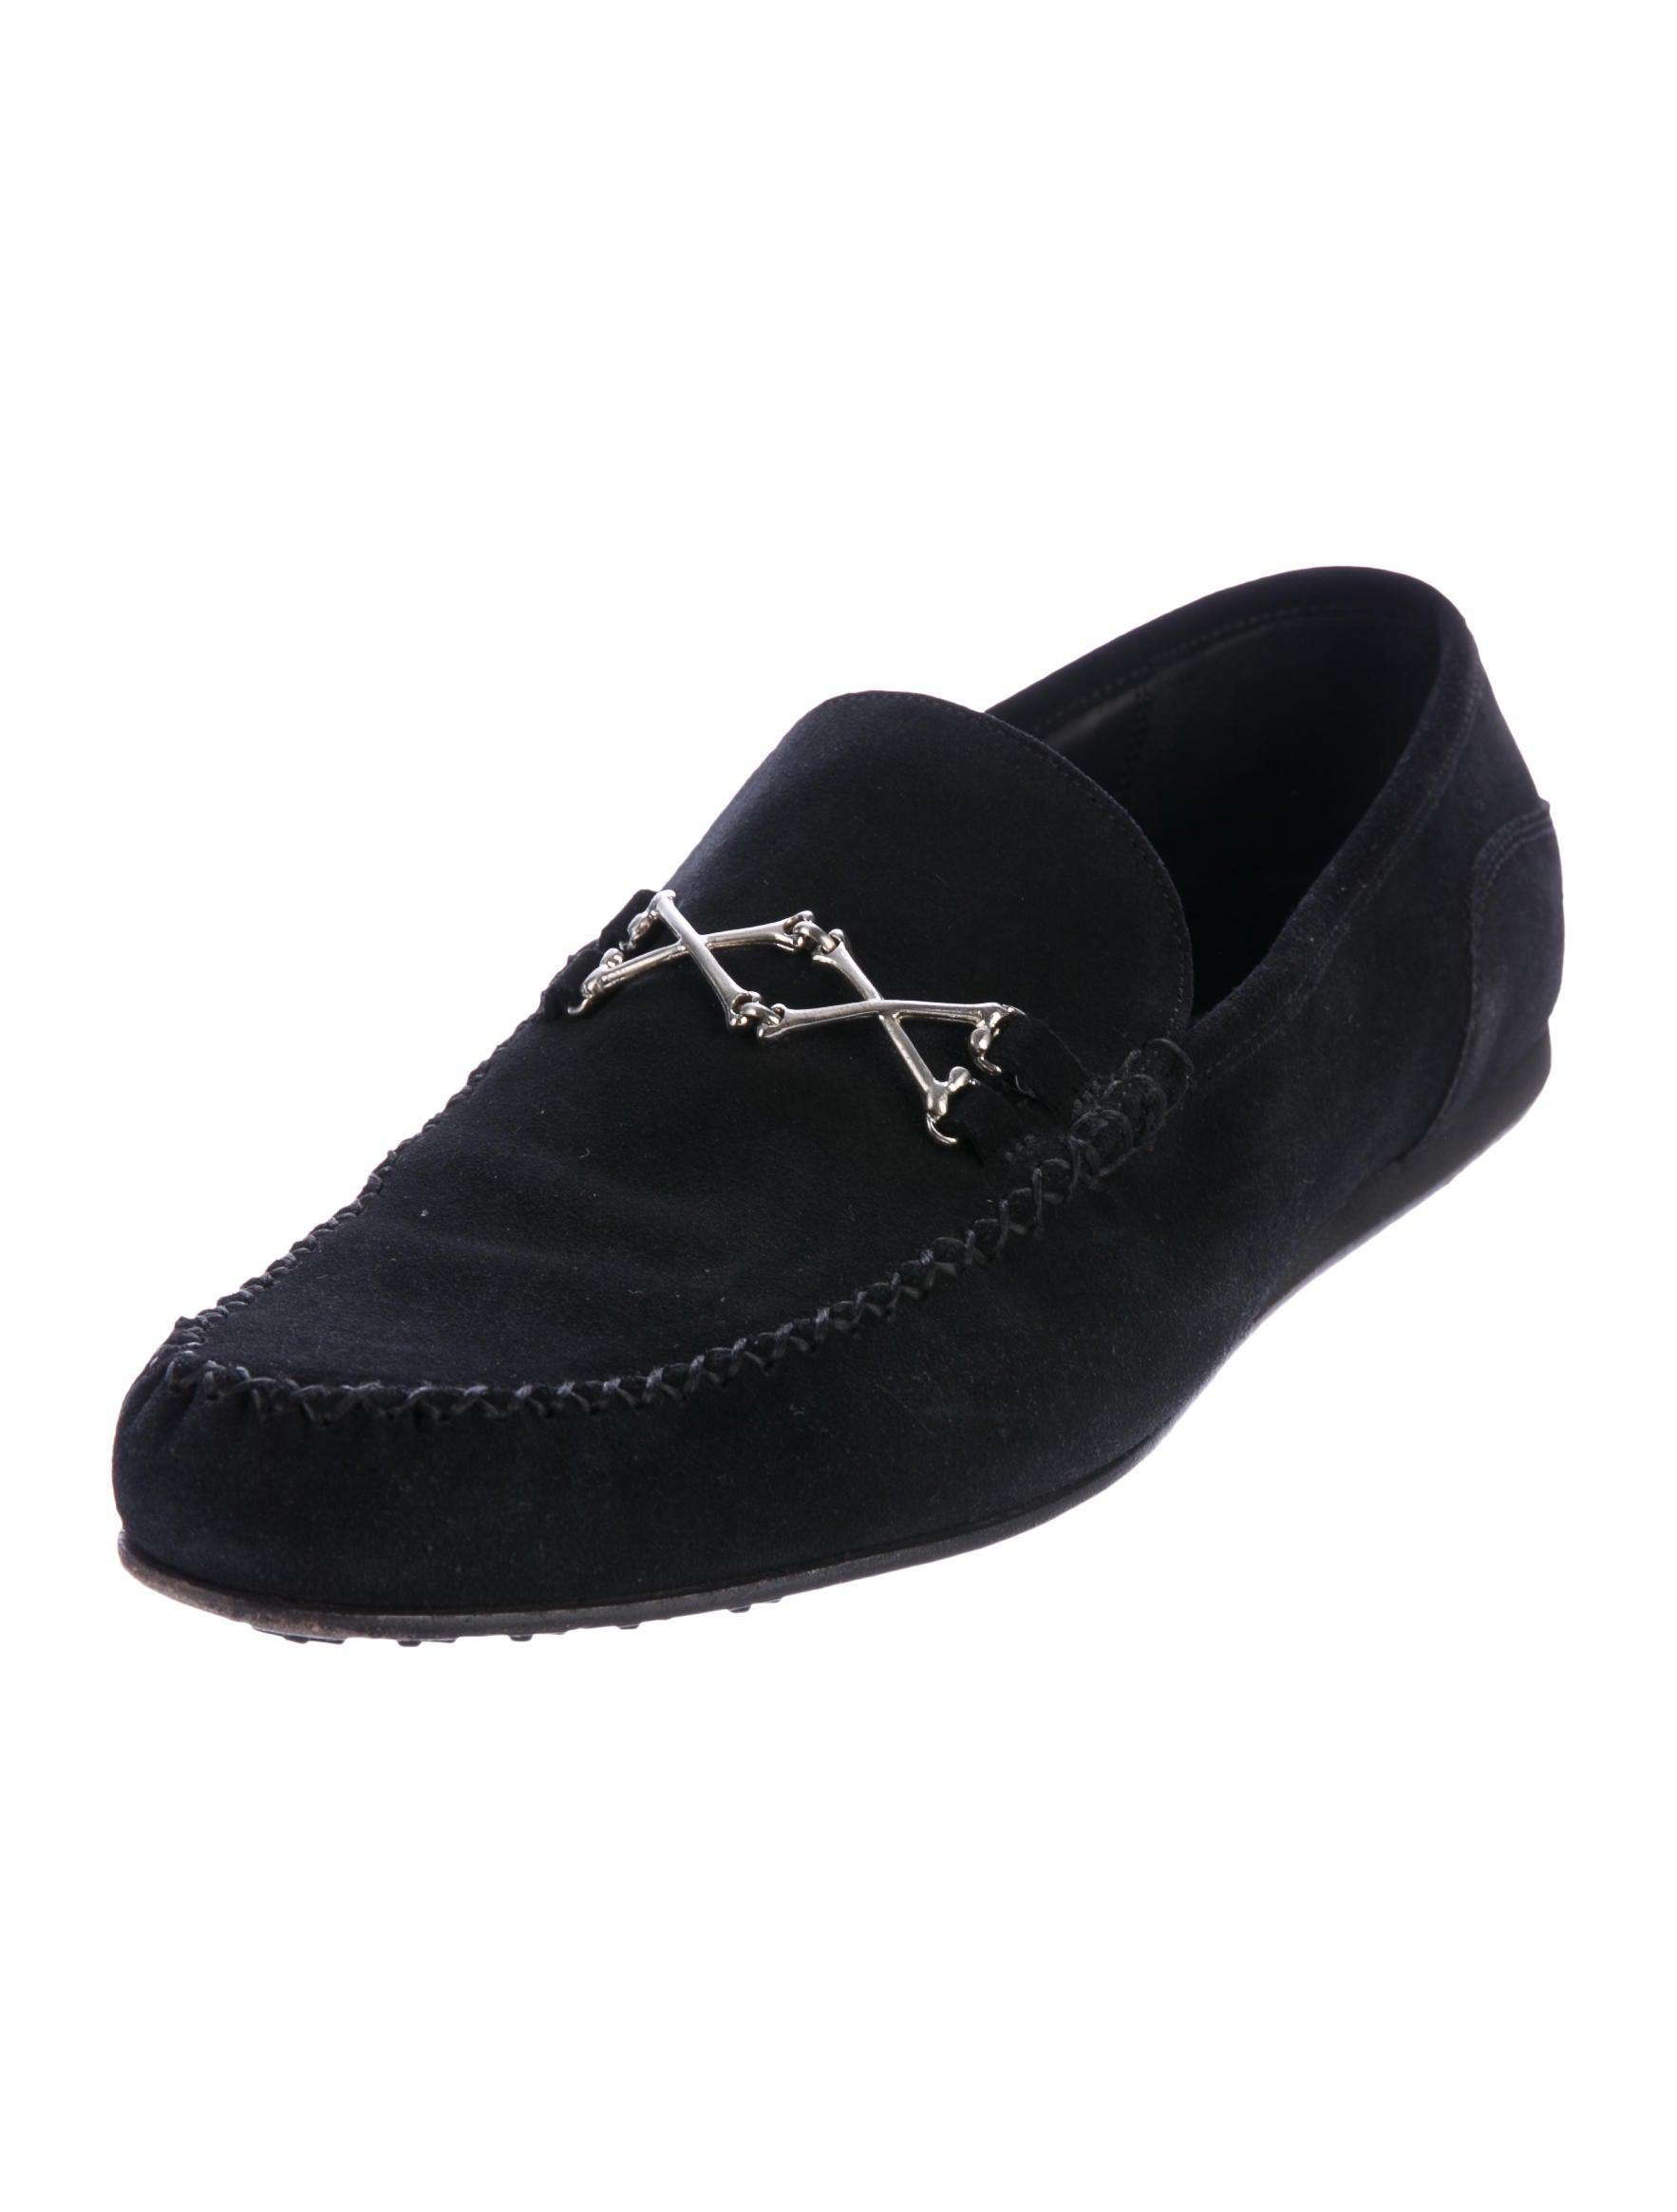 Barker Black Suede Shoes